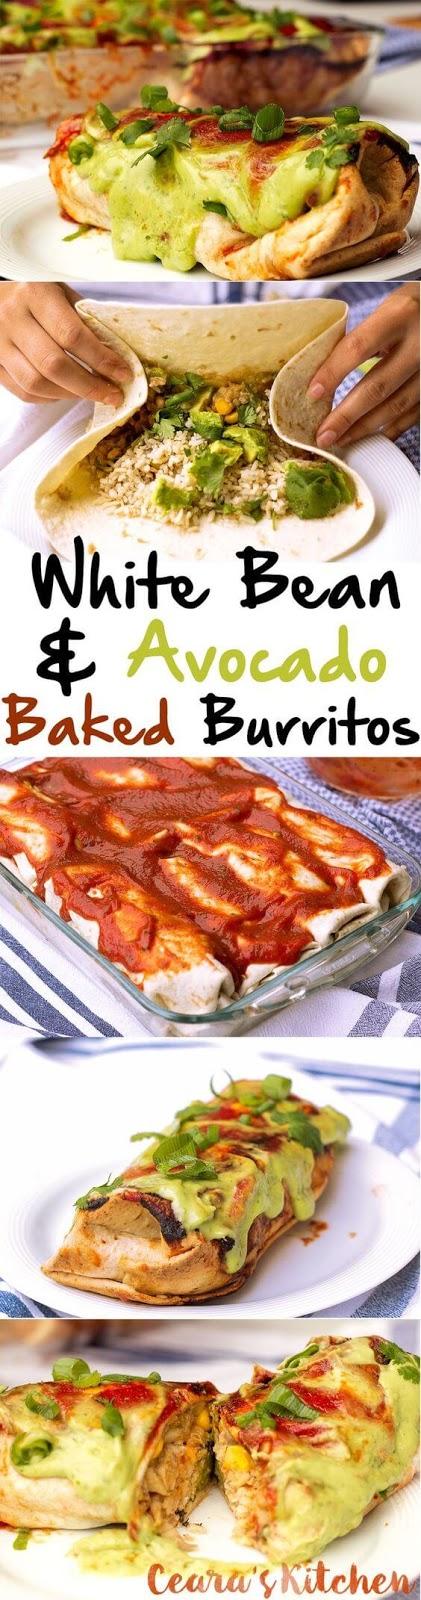 White Bean and Avocado Baked Burritos